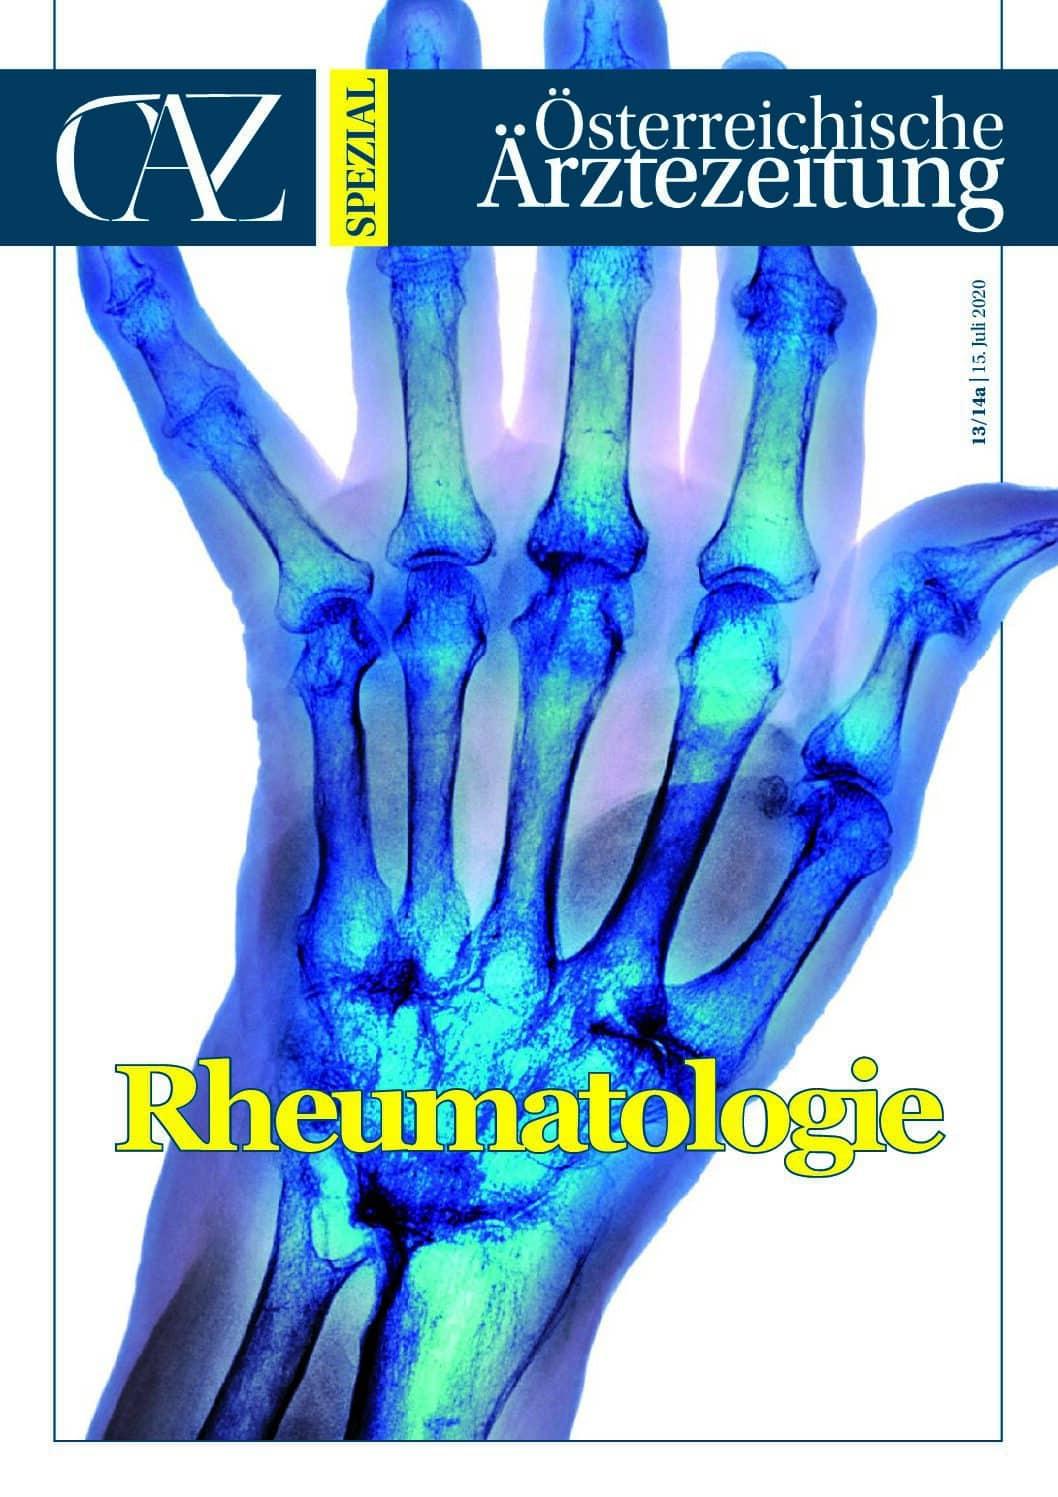 OAZ Spezial Rheumatologie 2020